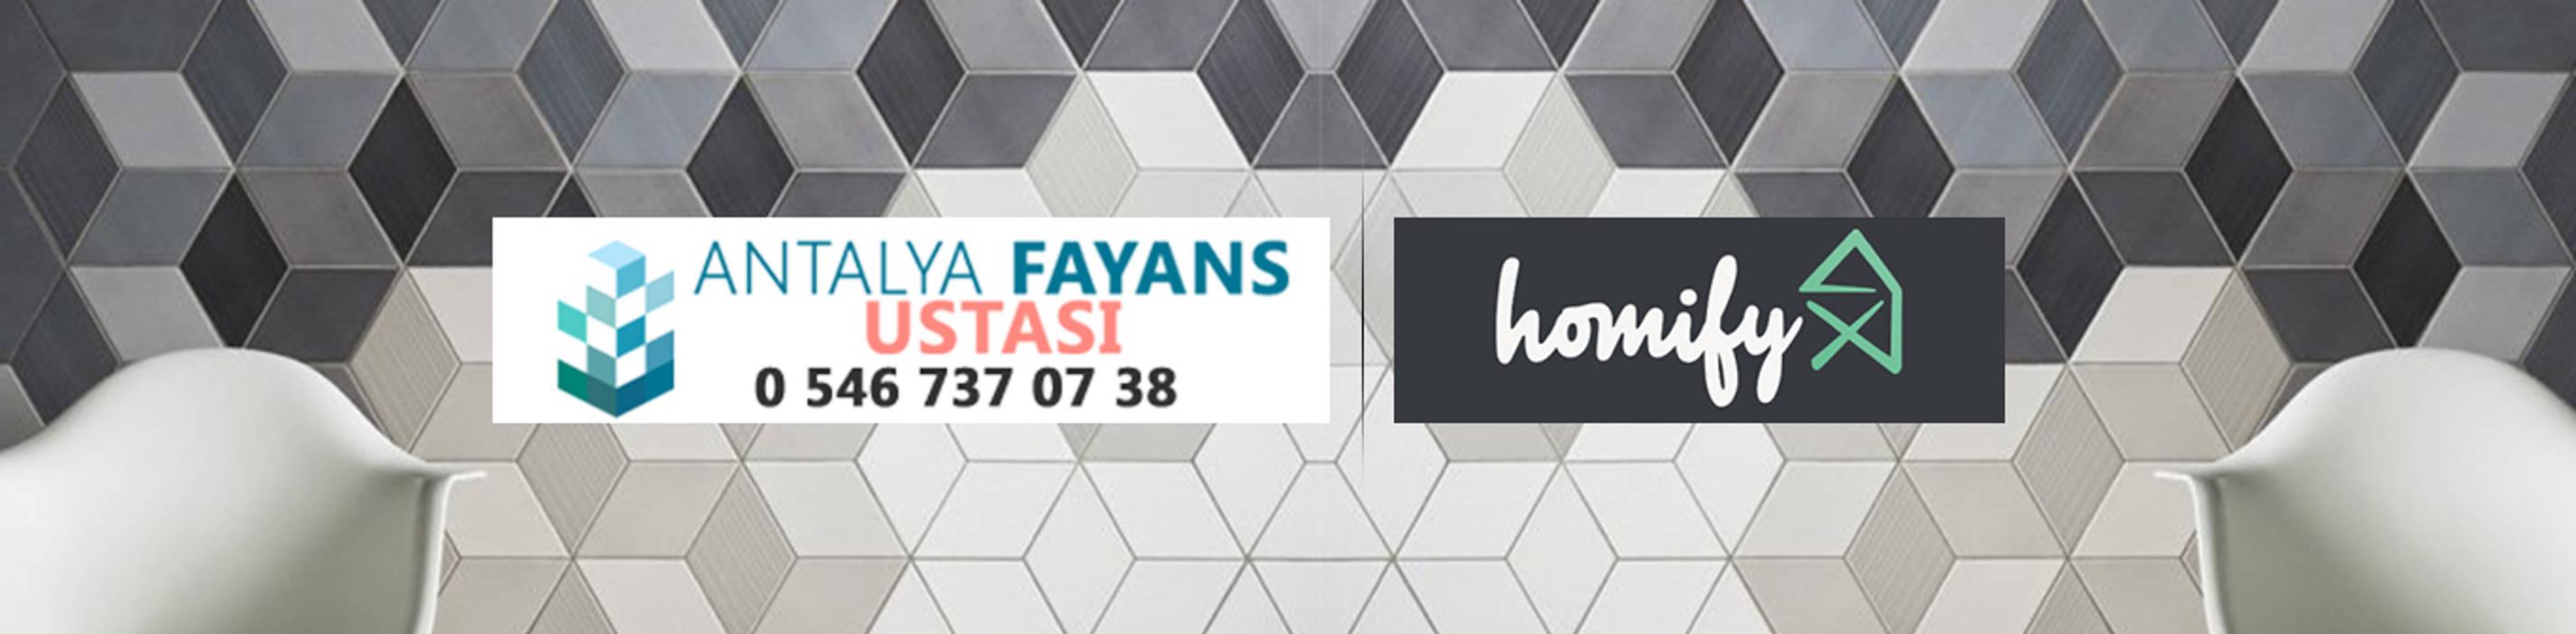 Elektronik von Antalya Fayans Ustası - 0 546 737 07 38